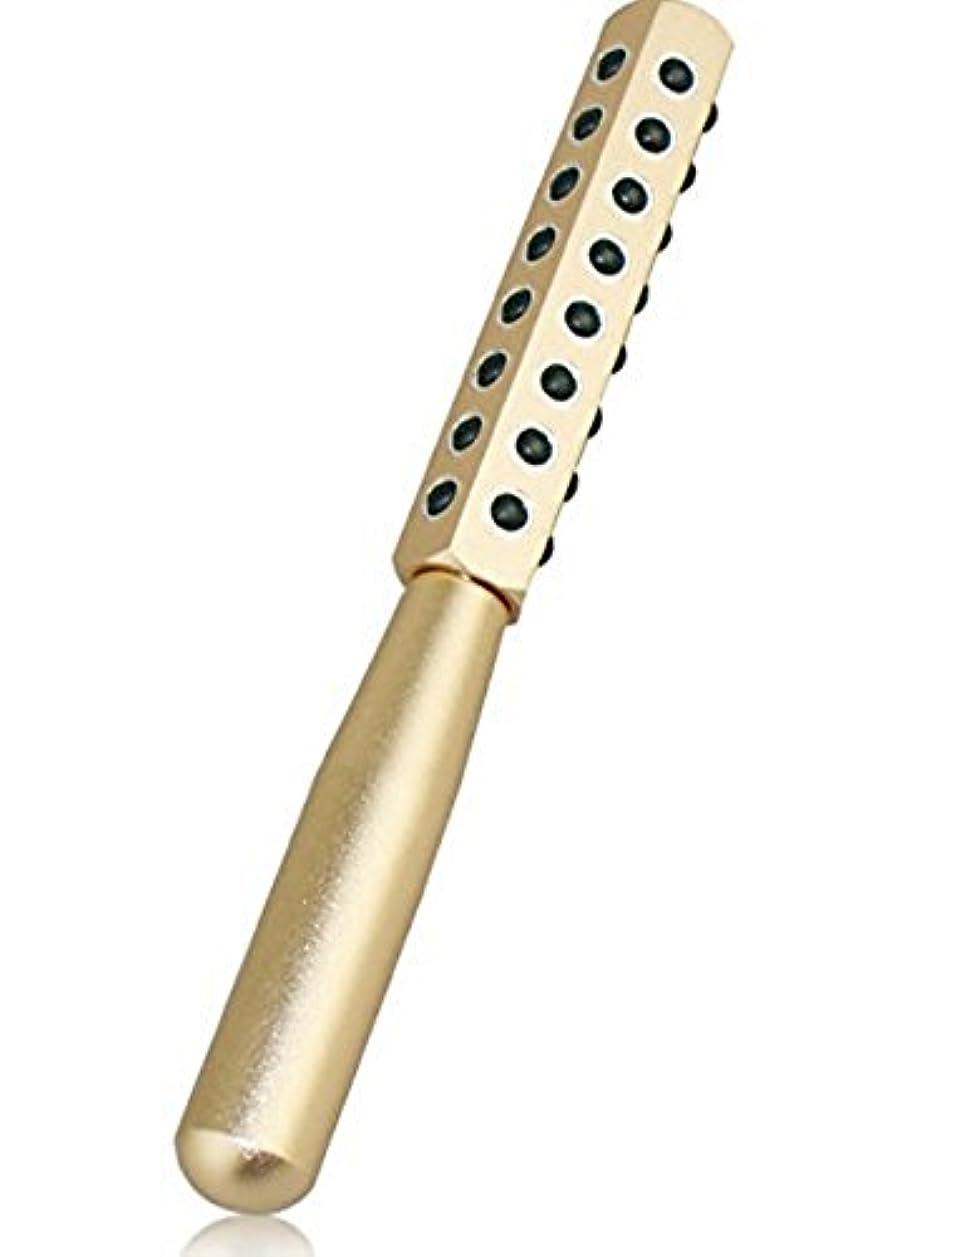 合理的そうでなければ軽くCREPUSCOLO ゲルマローラー 美顔器 美肌 ハリ ツヤ ほうれい線 純度99% ゲルマニウム粒子40粒/額 ほほ 目じり あご~首すじ デコルテ 二の腕 手の甲 気になるところをコロコロ ゴールド シルバー (ゴールド)